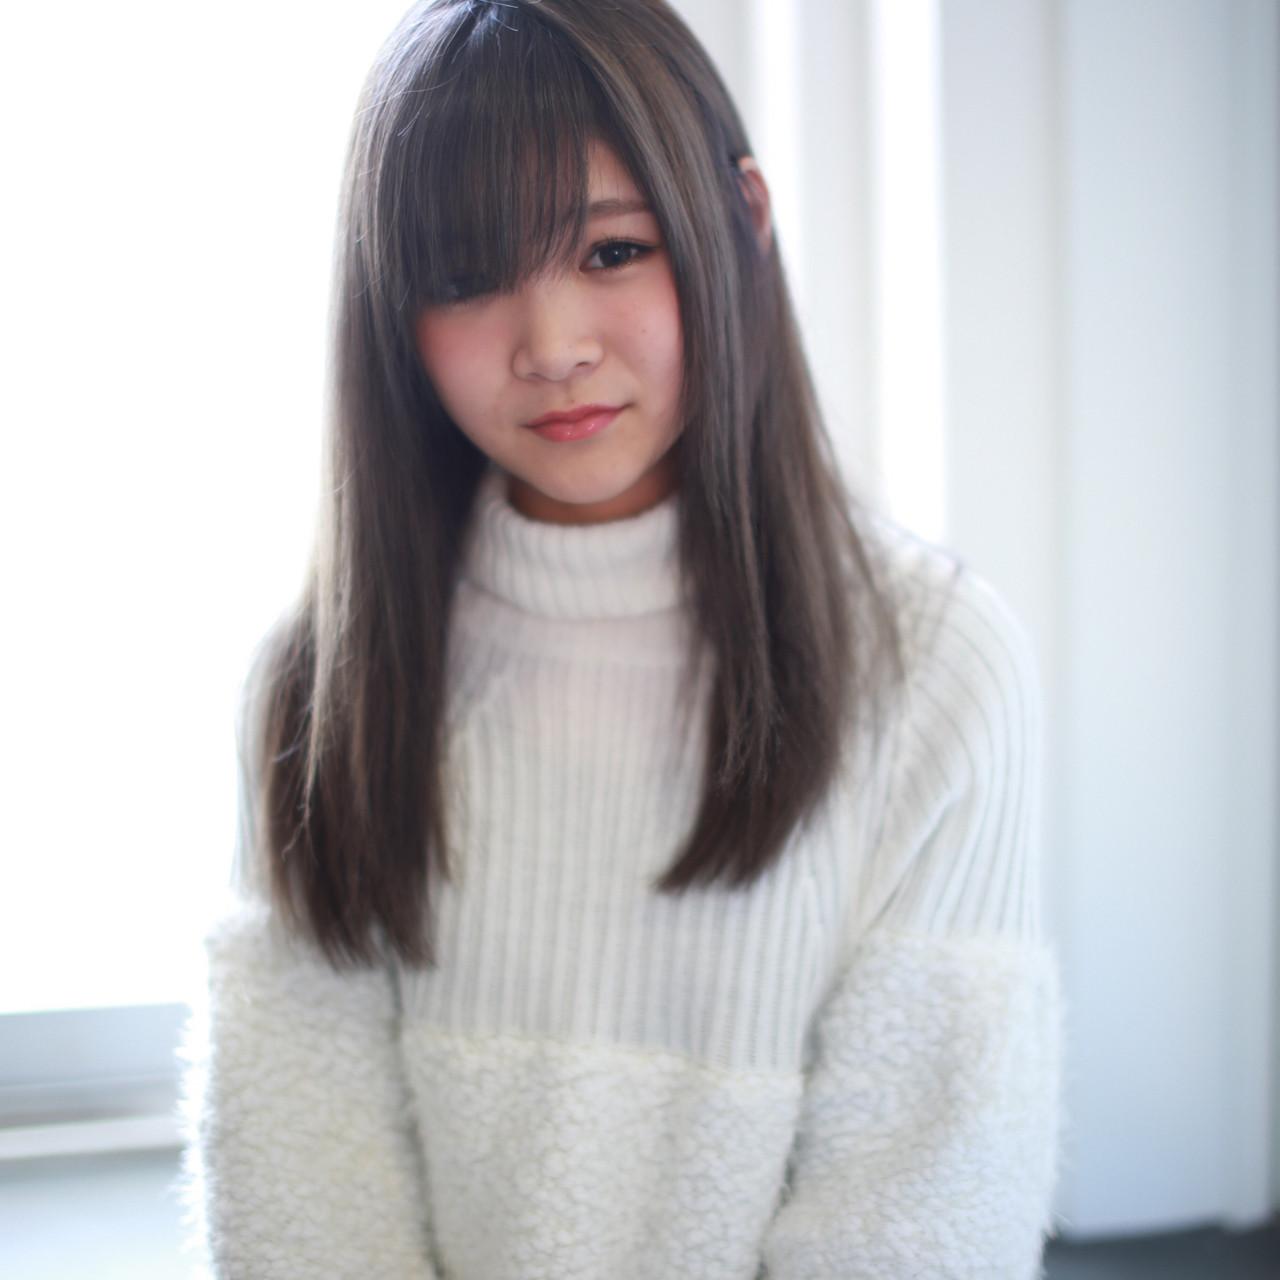 アッシュ グレージュ 外国人風 ダブルカラー ヘアスタイルや髪型の写真・画像 | イマムラ スナオ / LUKE